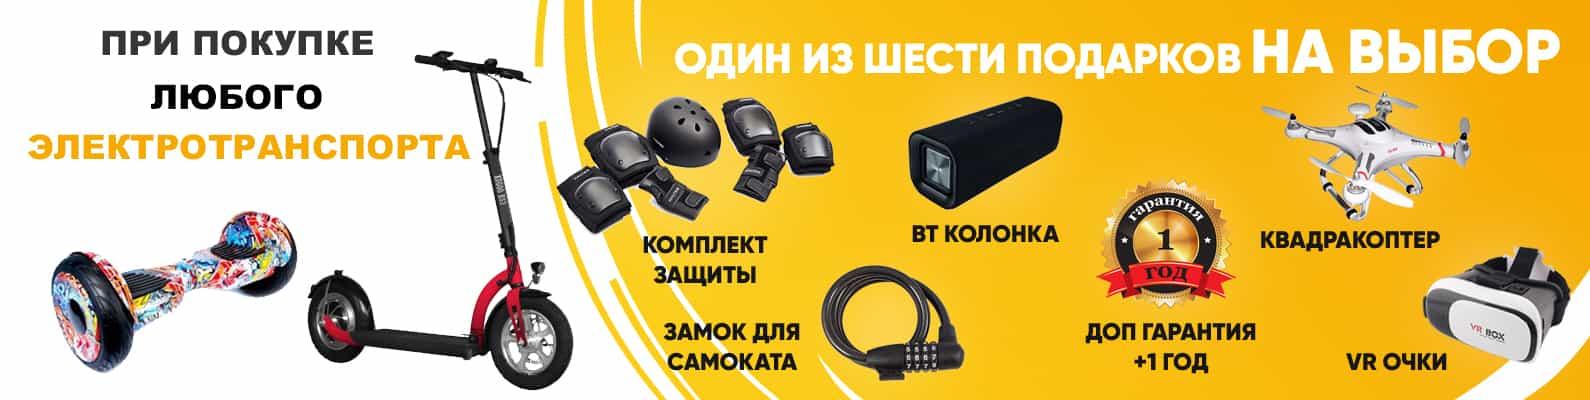 Купить электросамокат в Белгороде